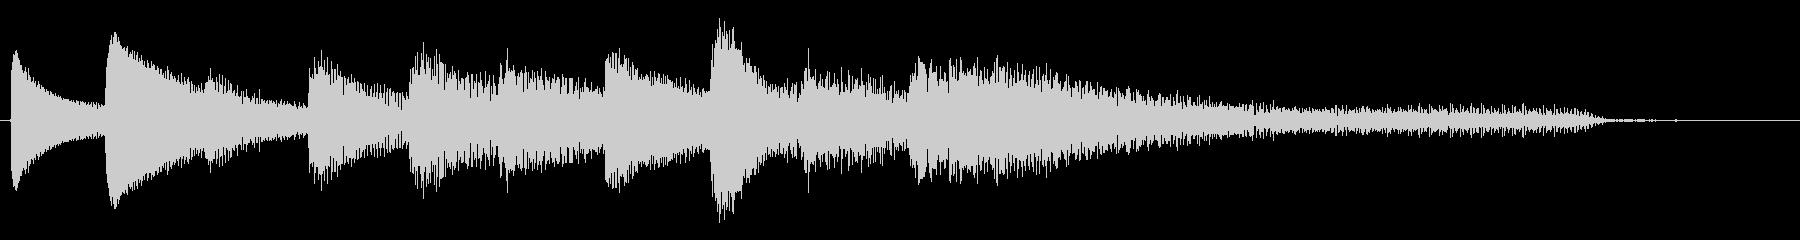 短いピアノサウンドロゴ_ジングル5秒の未再生の波形